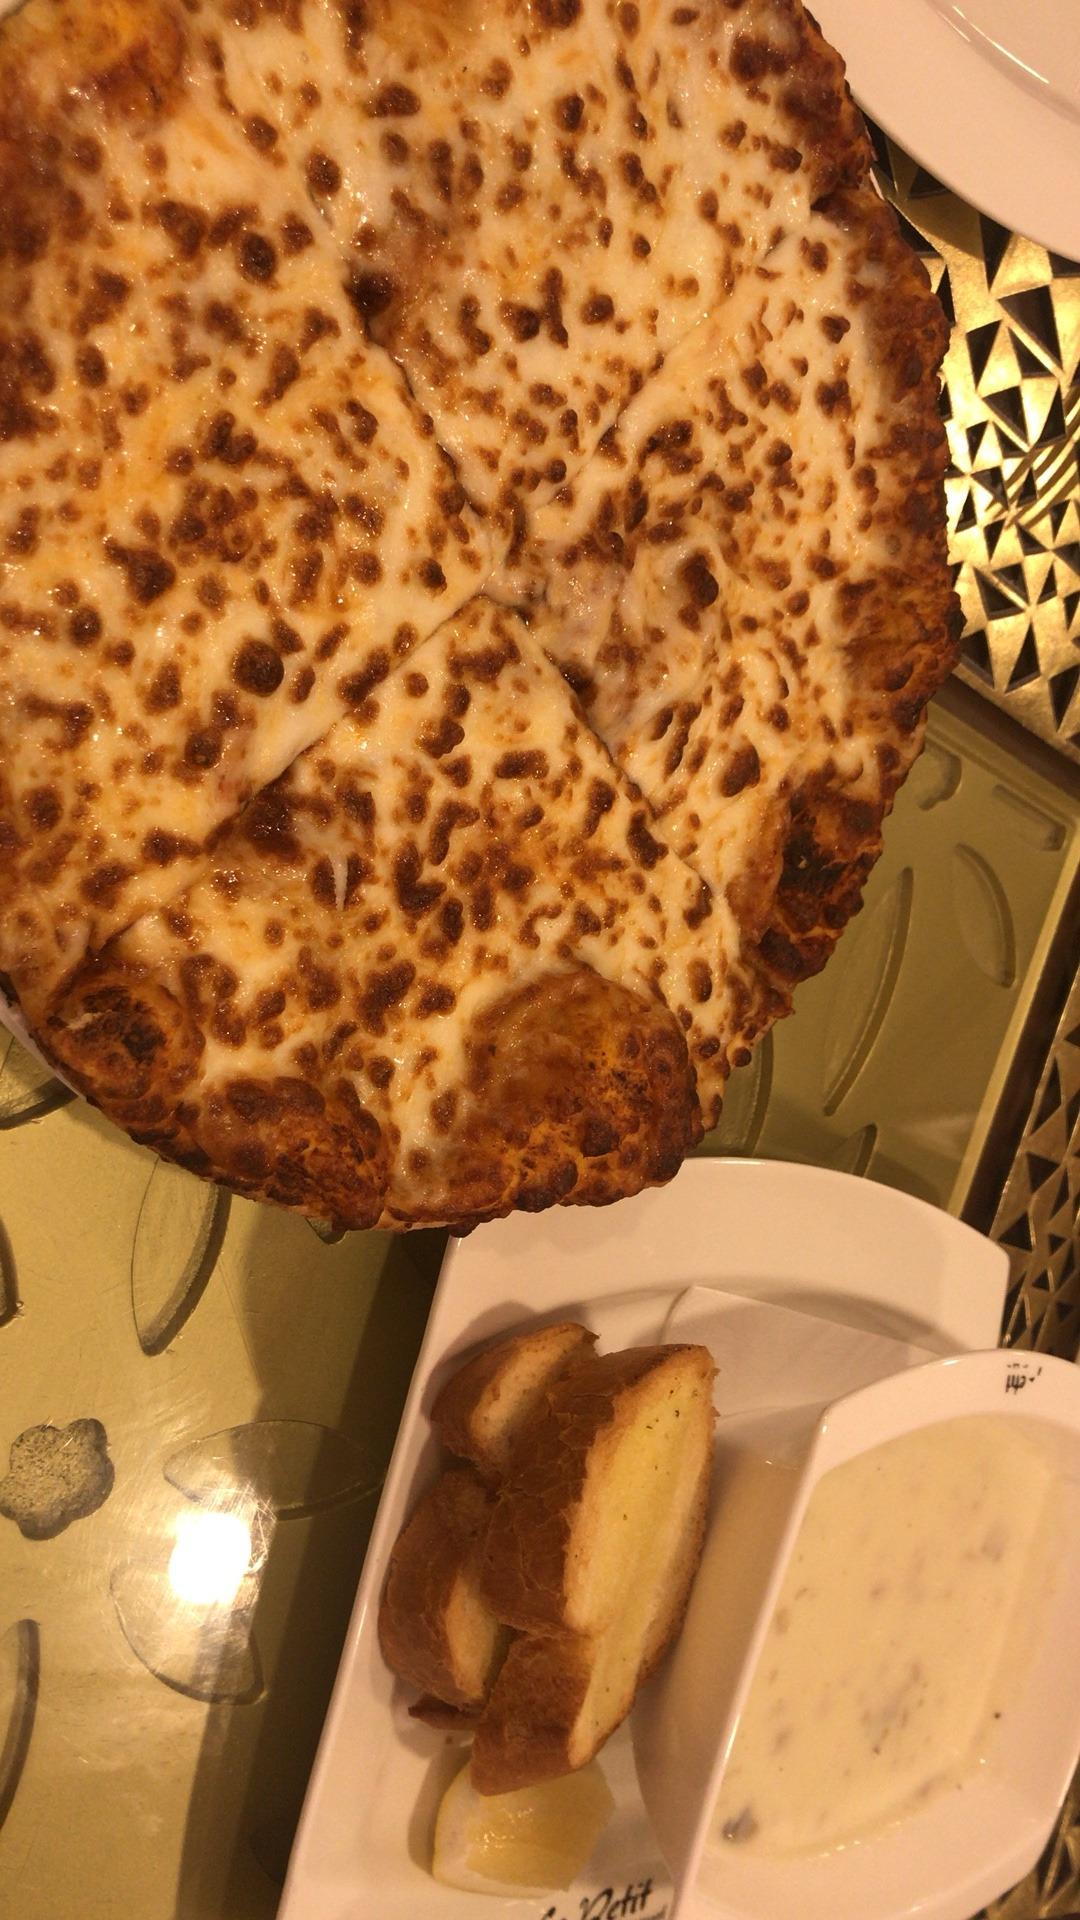 Margarita @ Le Petit Restaurant - Bahrain